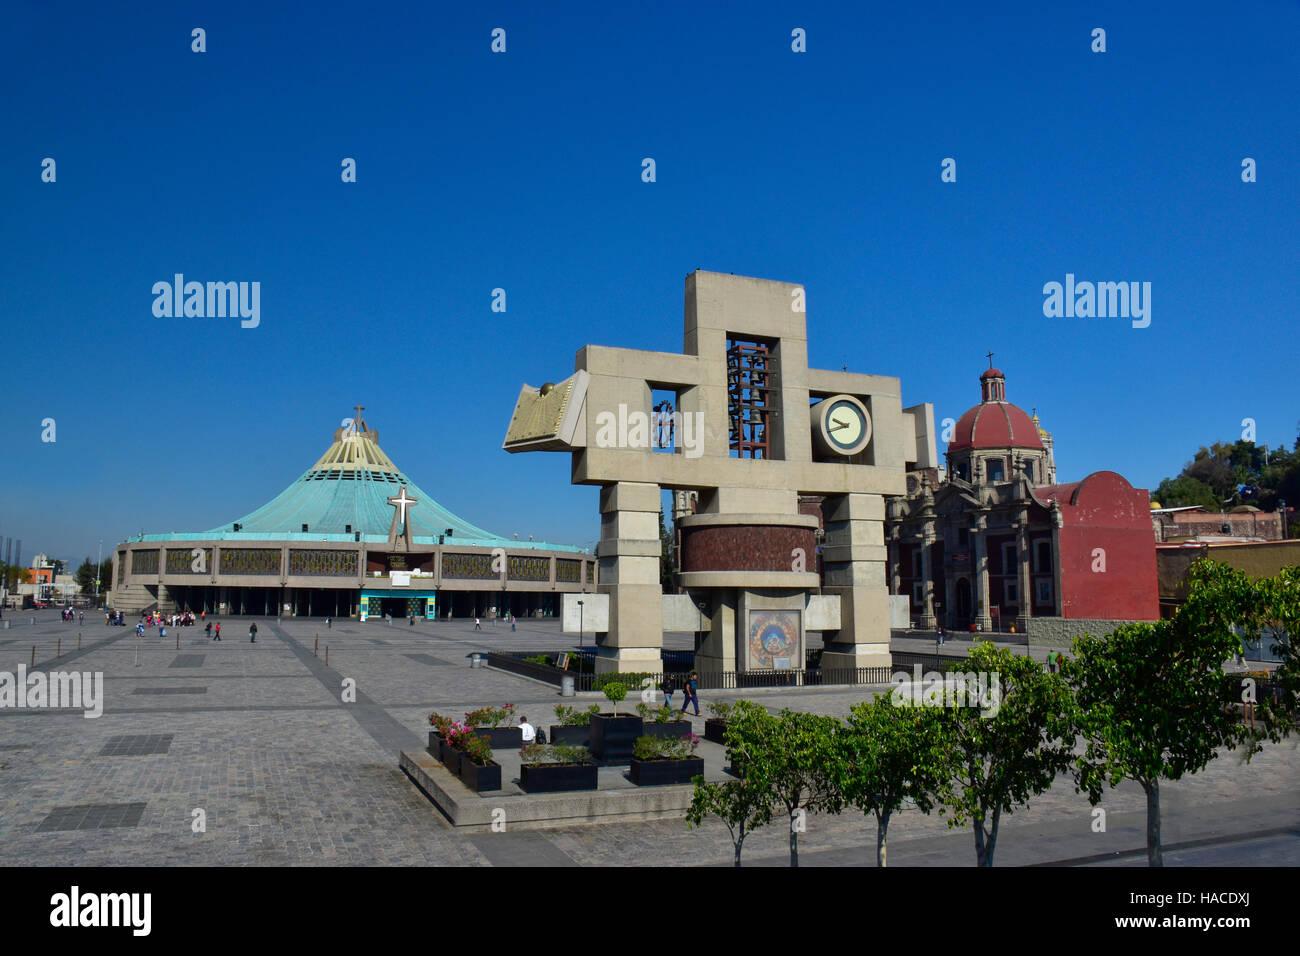 Carrillon Stock Photos & Carrillon Stock Images - Alamy